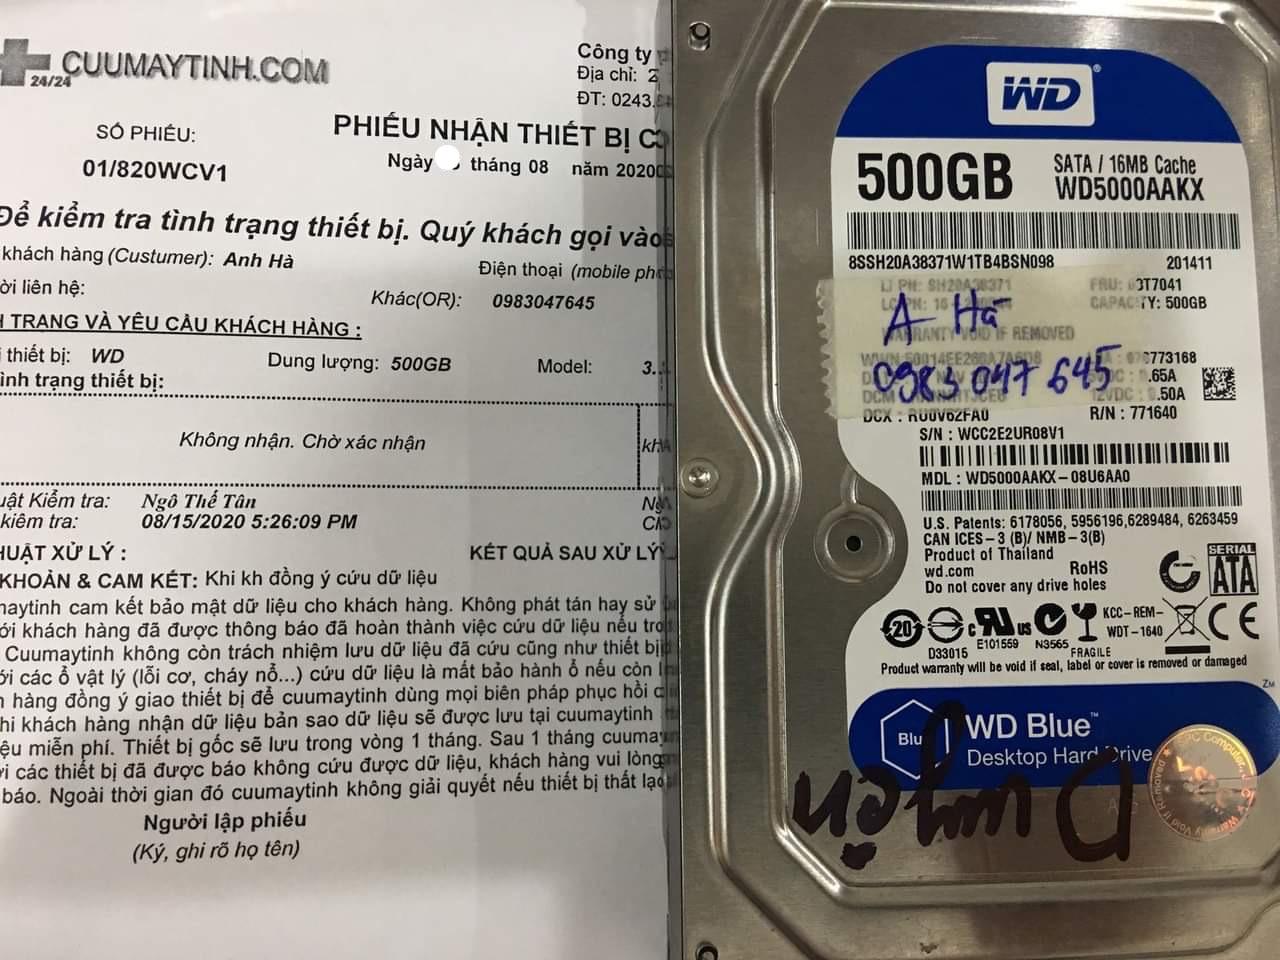 Phục hồi dữ liệu ổ cứng Western 500GB không nhận 18/08/2020 - cuumaytinh